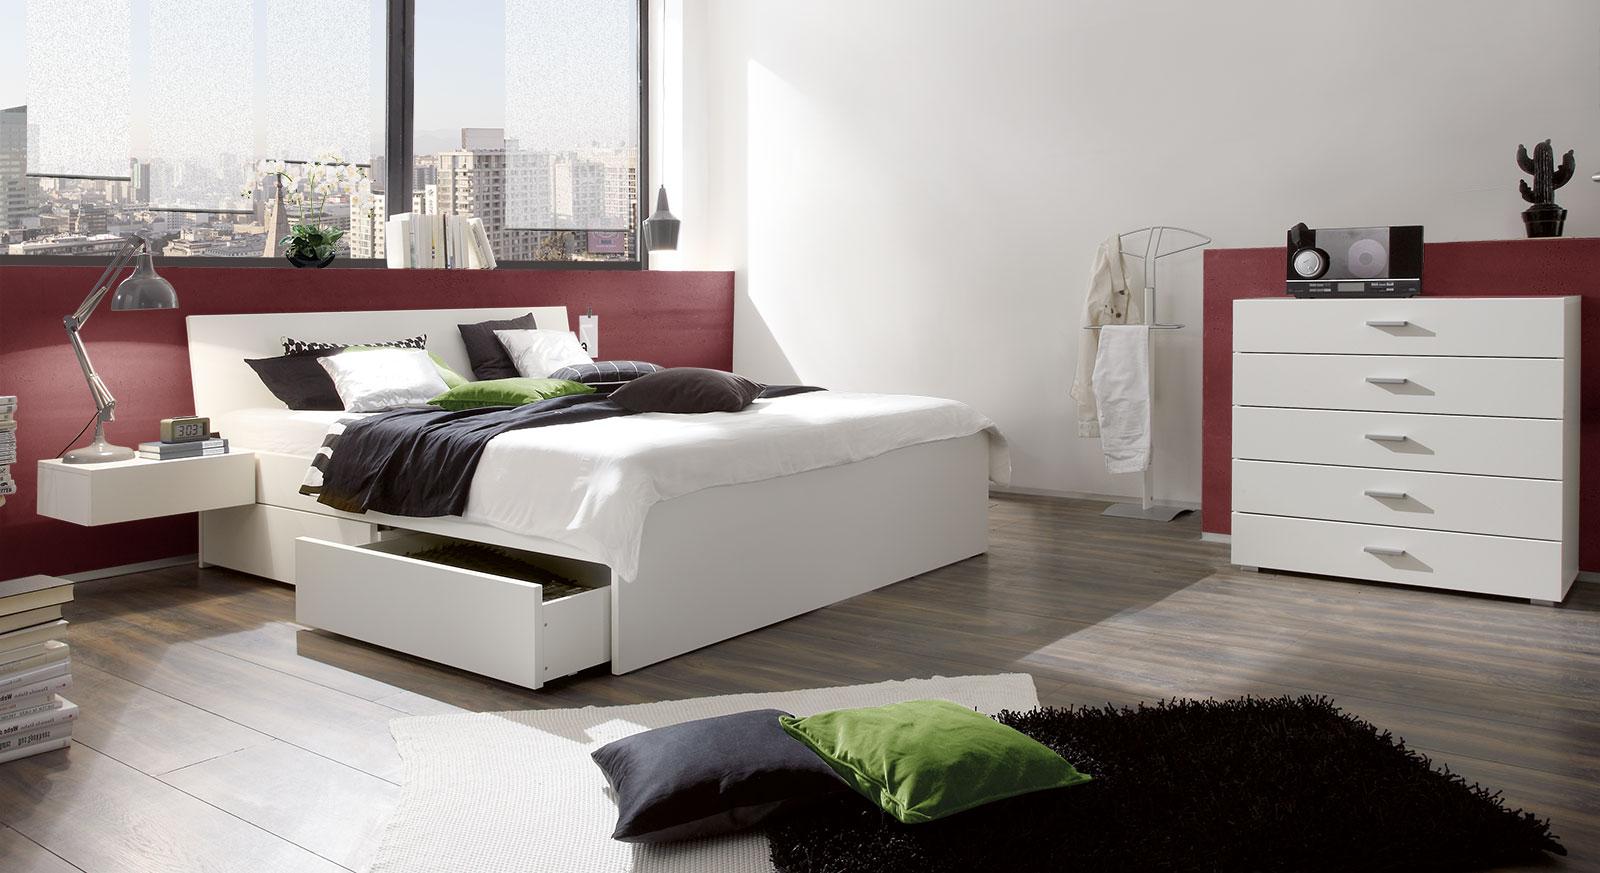 Passende Produkte für das Schubkasten-Doppelbett Liverpool